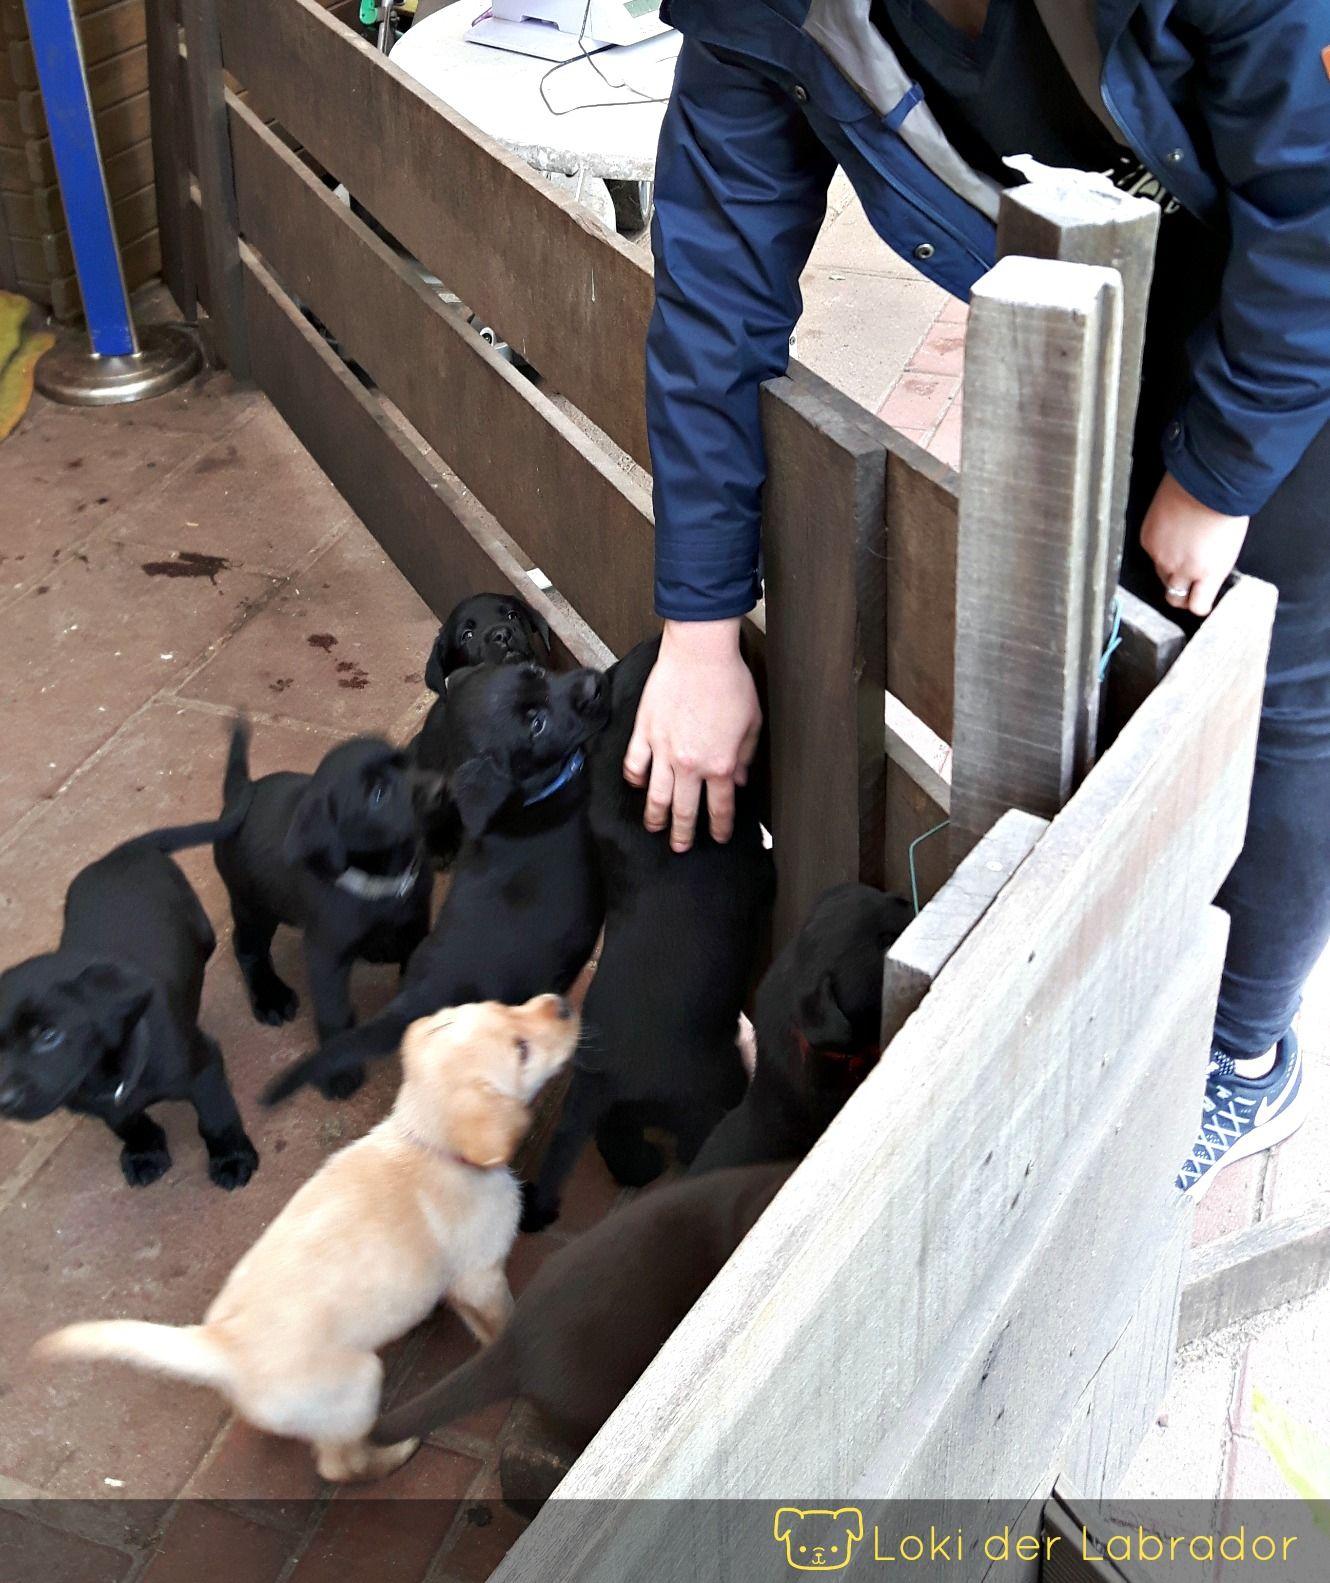 Das Total Andere Welpenbuch Endlich Da Welpen Stubenrein Hunde Welpen Erziehung